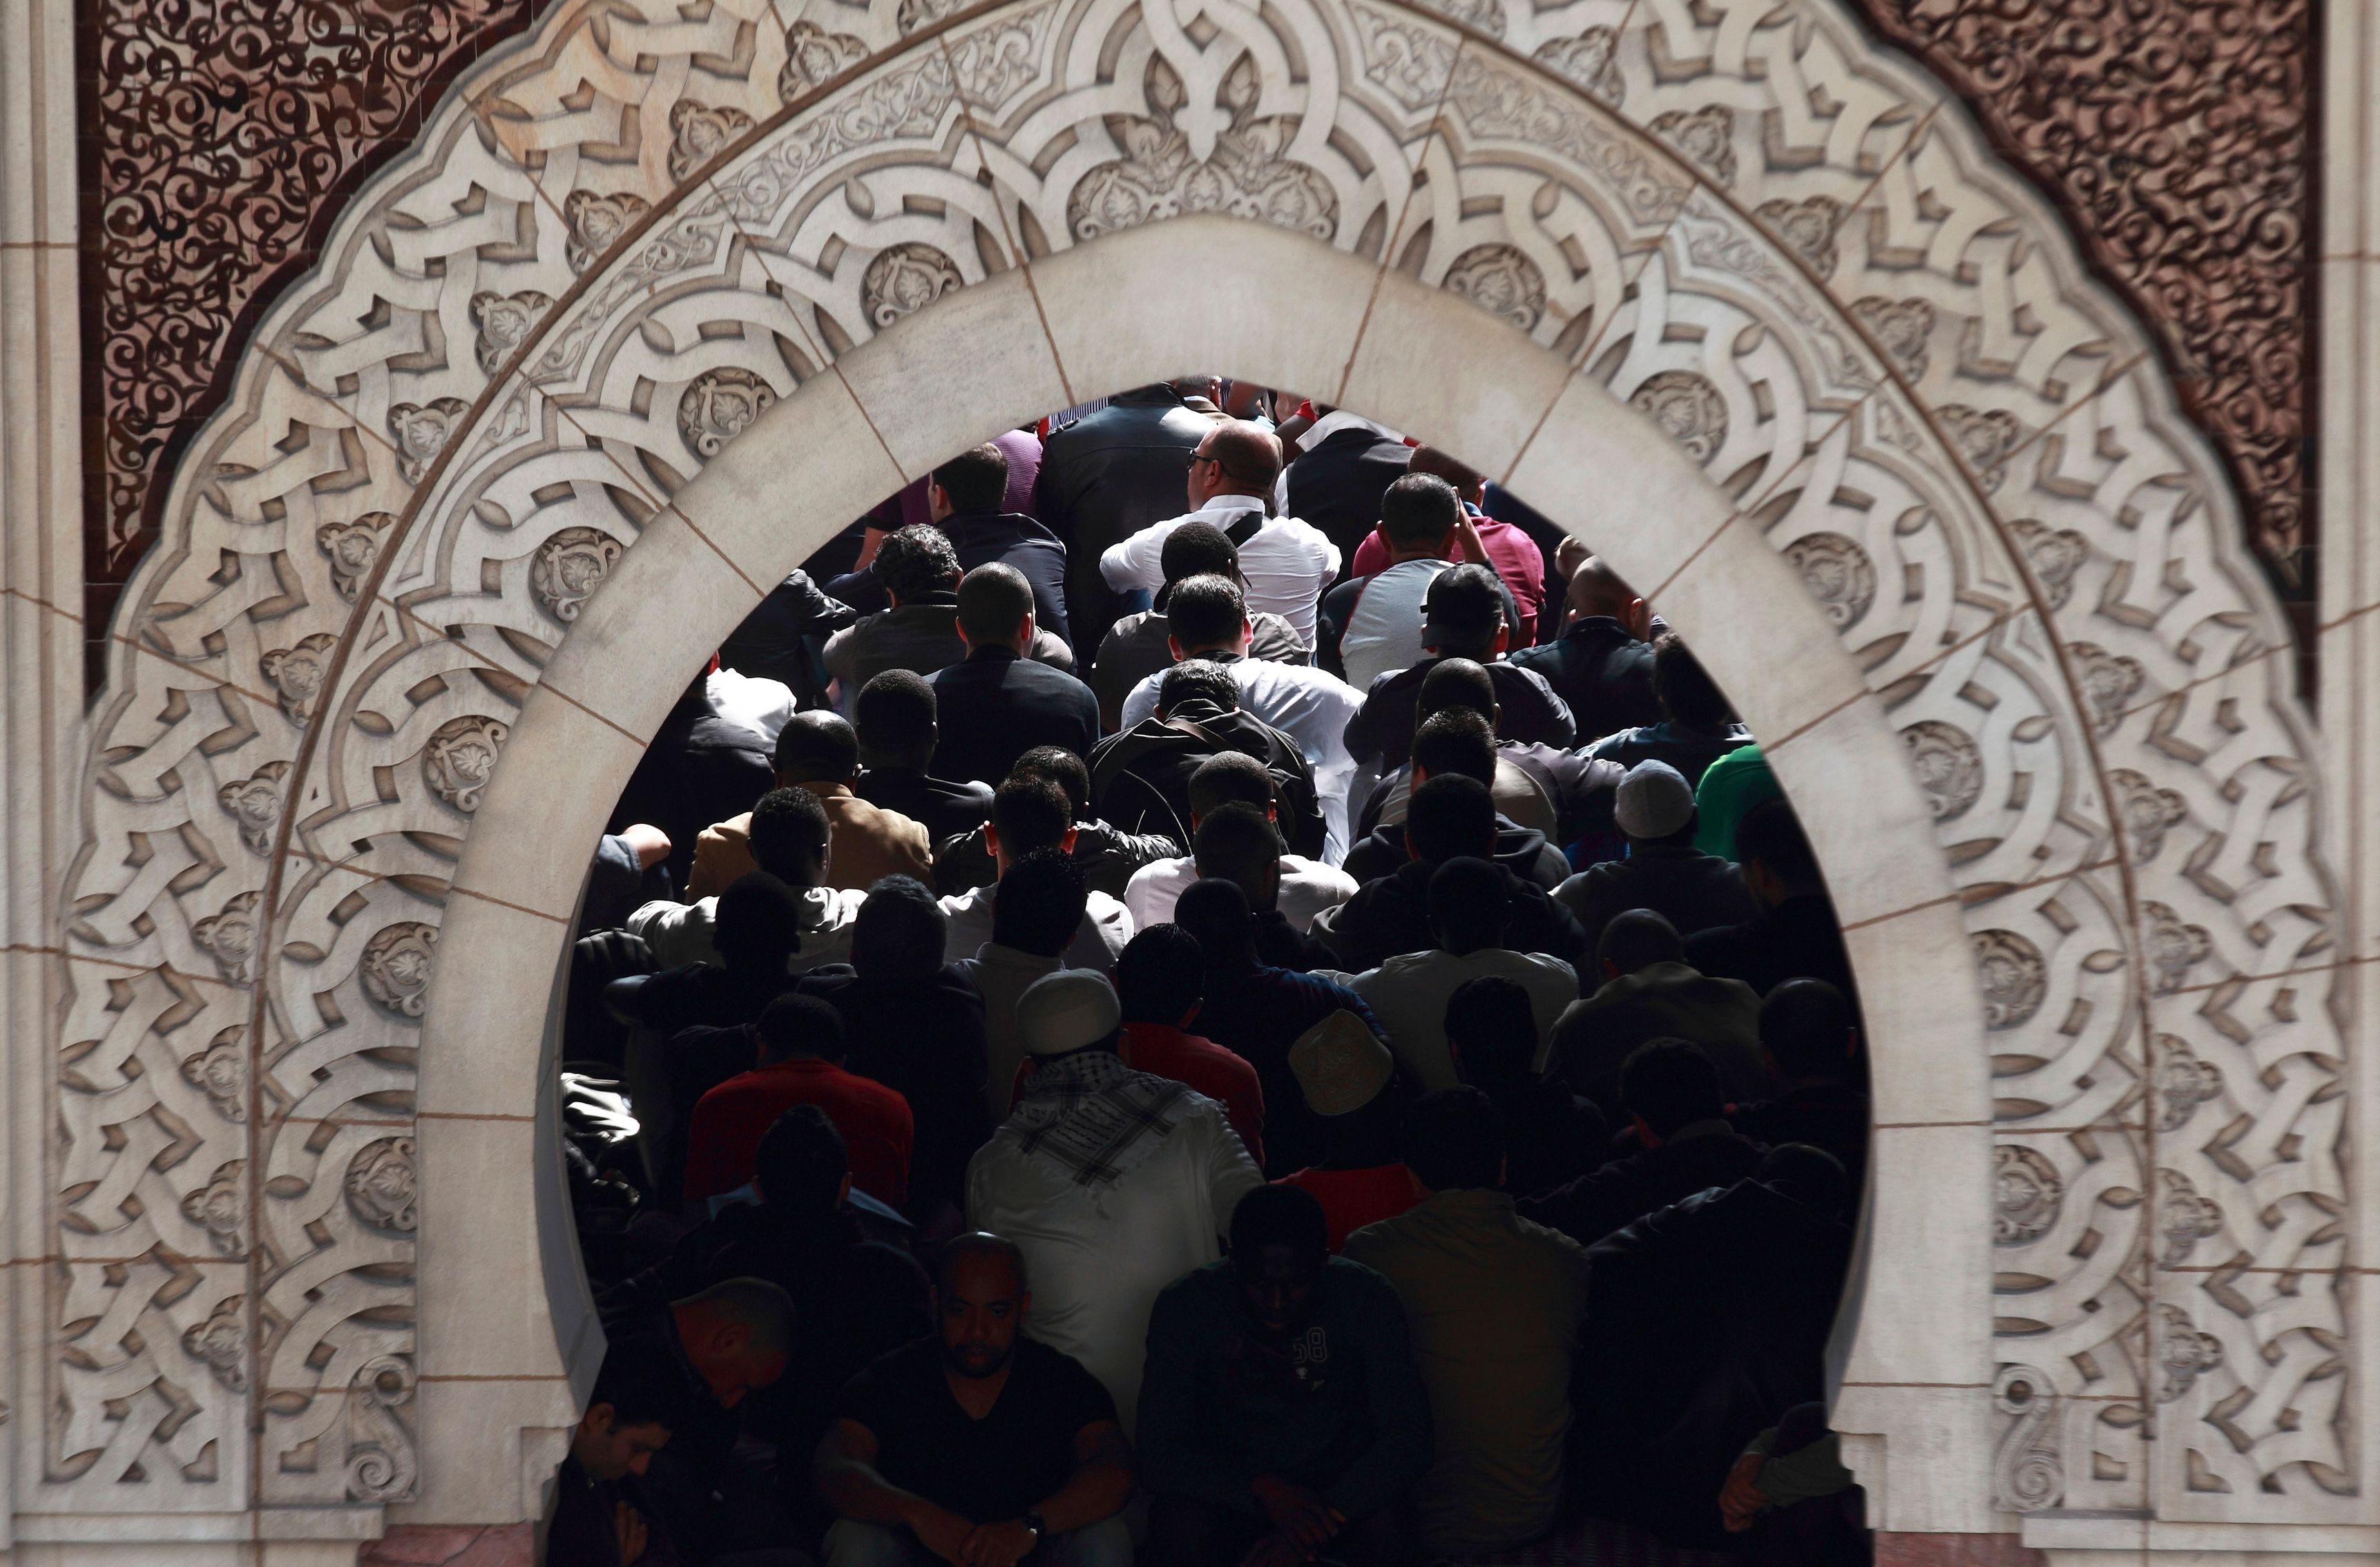 Créteil : Un homme tente de foncer sur la foule devant une mosquée